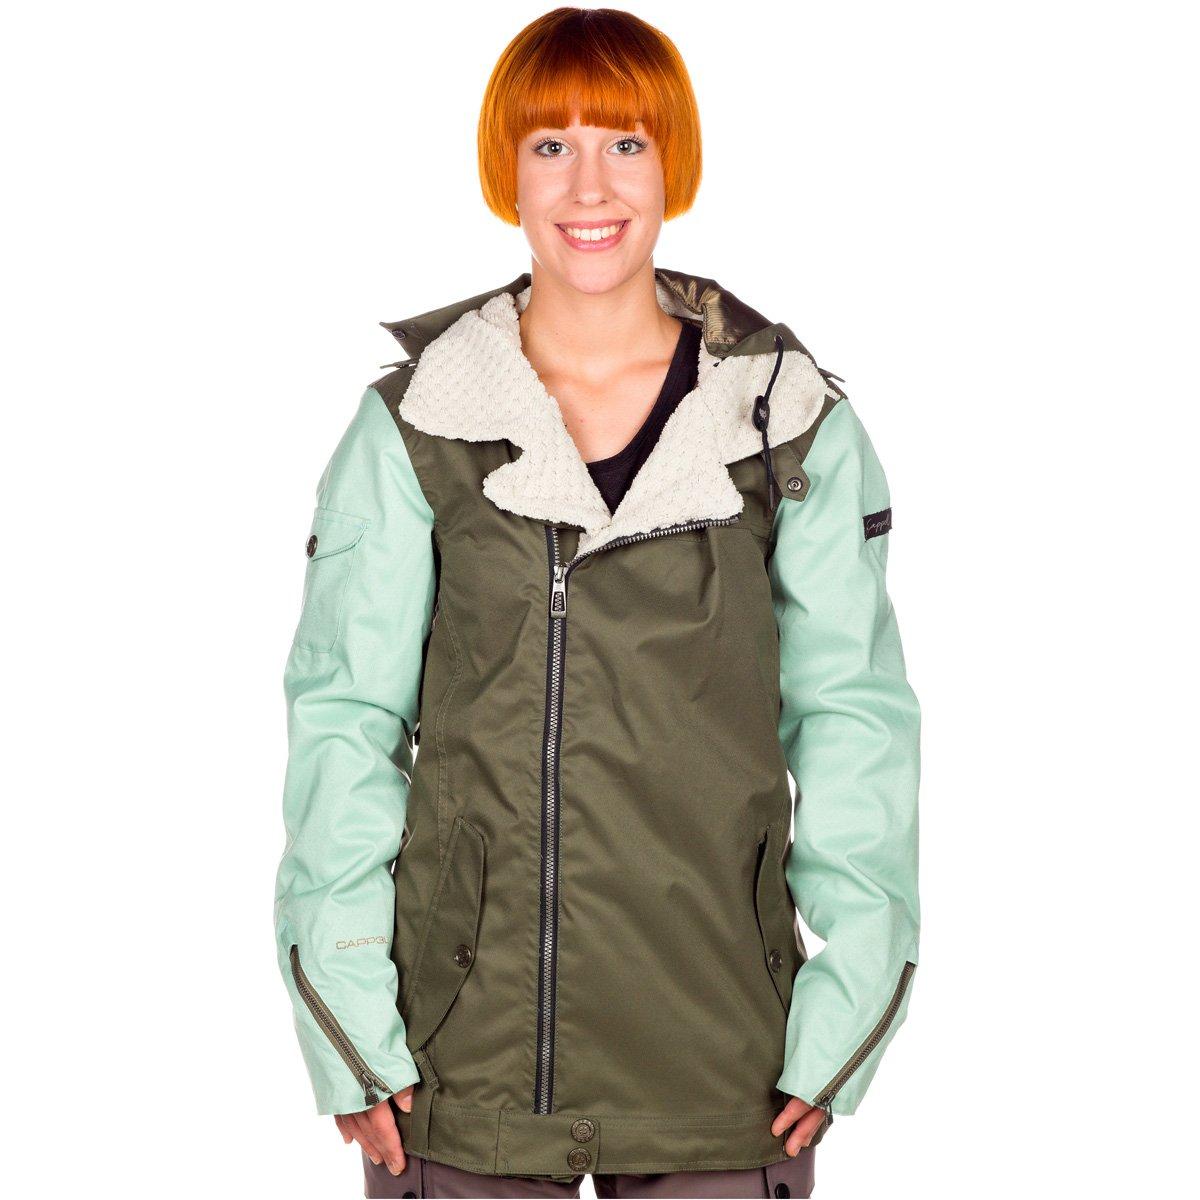 Damen Snowboard Jacke Cappel Heartbeat Insulated Jacket Women jetzt bestellen